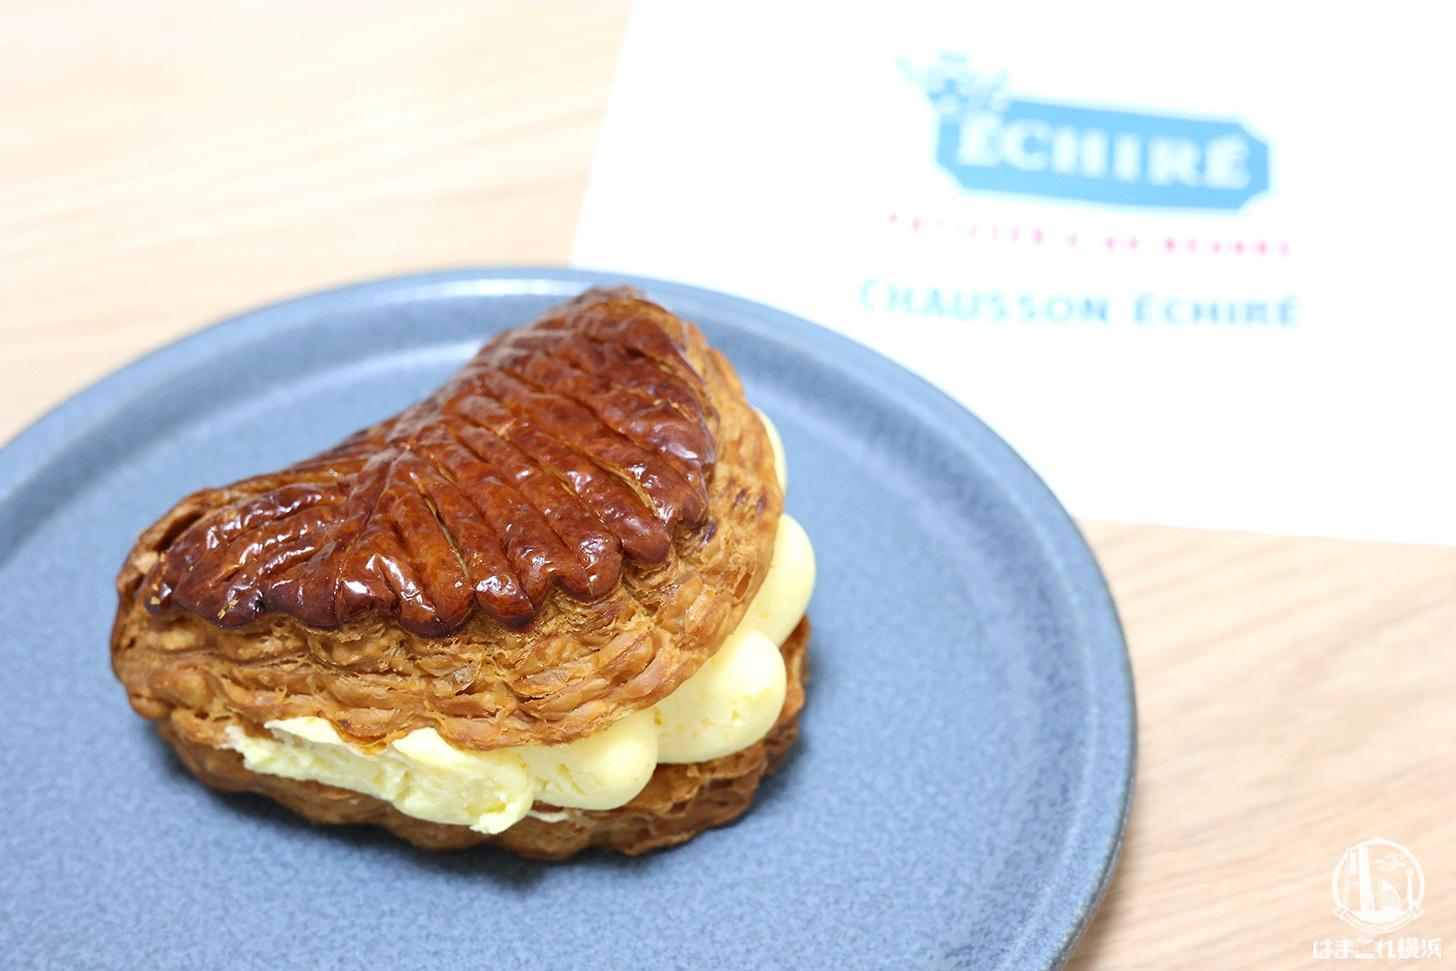 エシレ「ショソン・エシレ」格別な美味しさに大興奮!横浜高島屋限定バター主役のパイ菓子